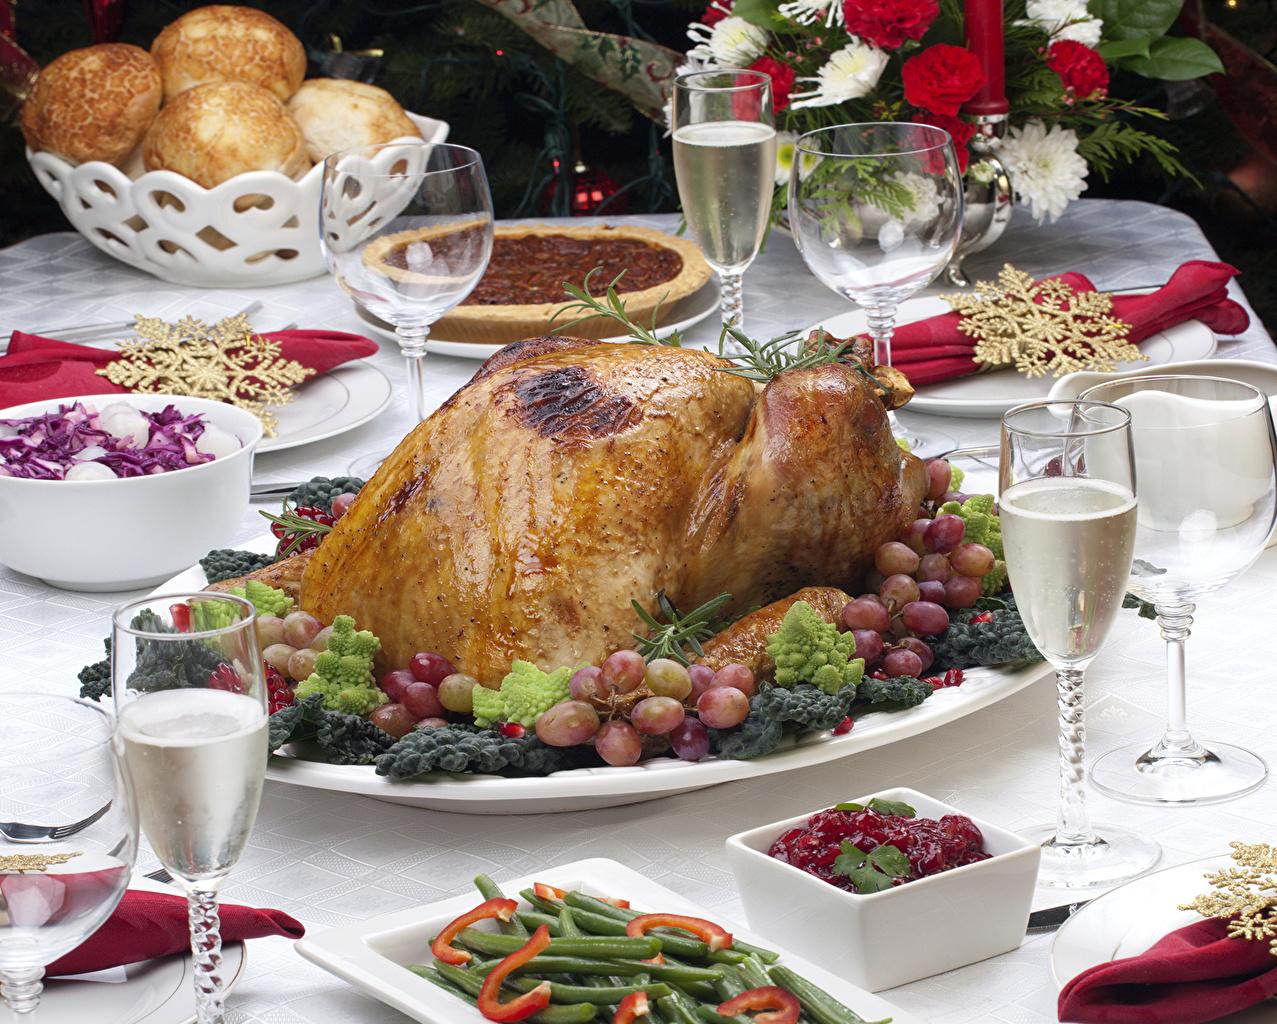 Картинка Виноград Курица запеченная Еда бокал Салаты Сервировка Мясные продукты Пища Бокалы Продукты питания накрытия стола